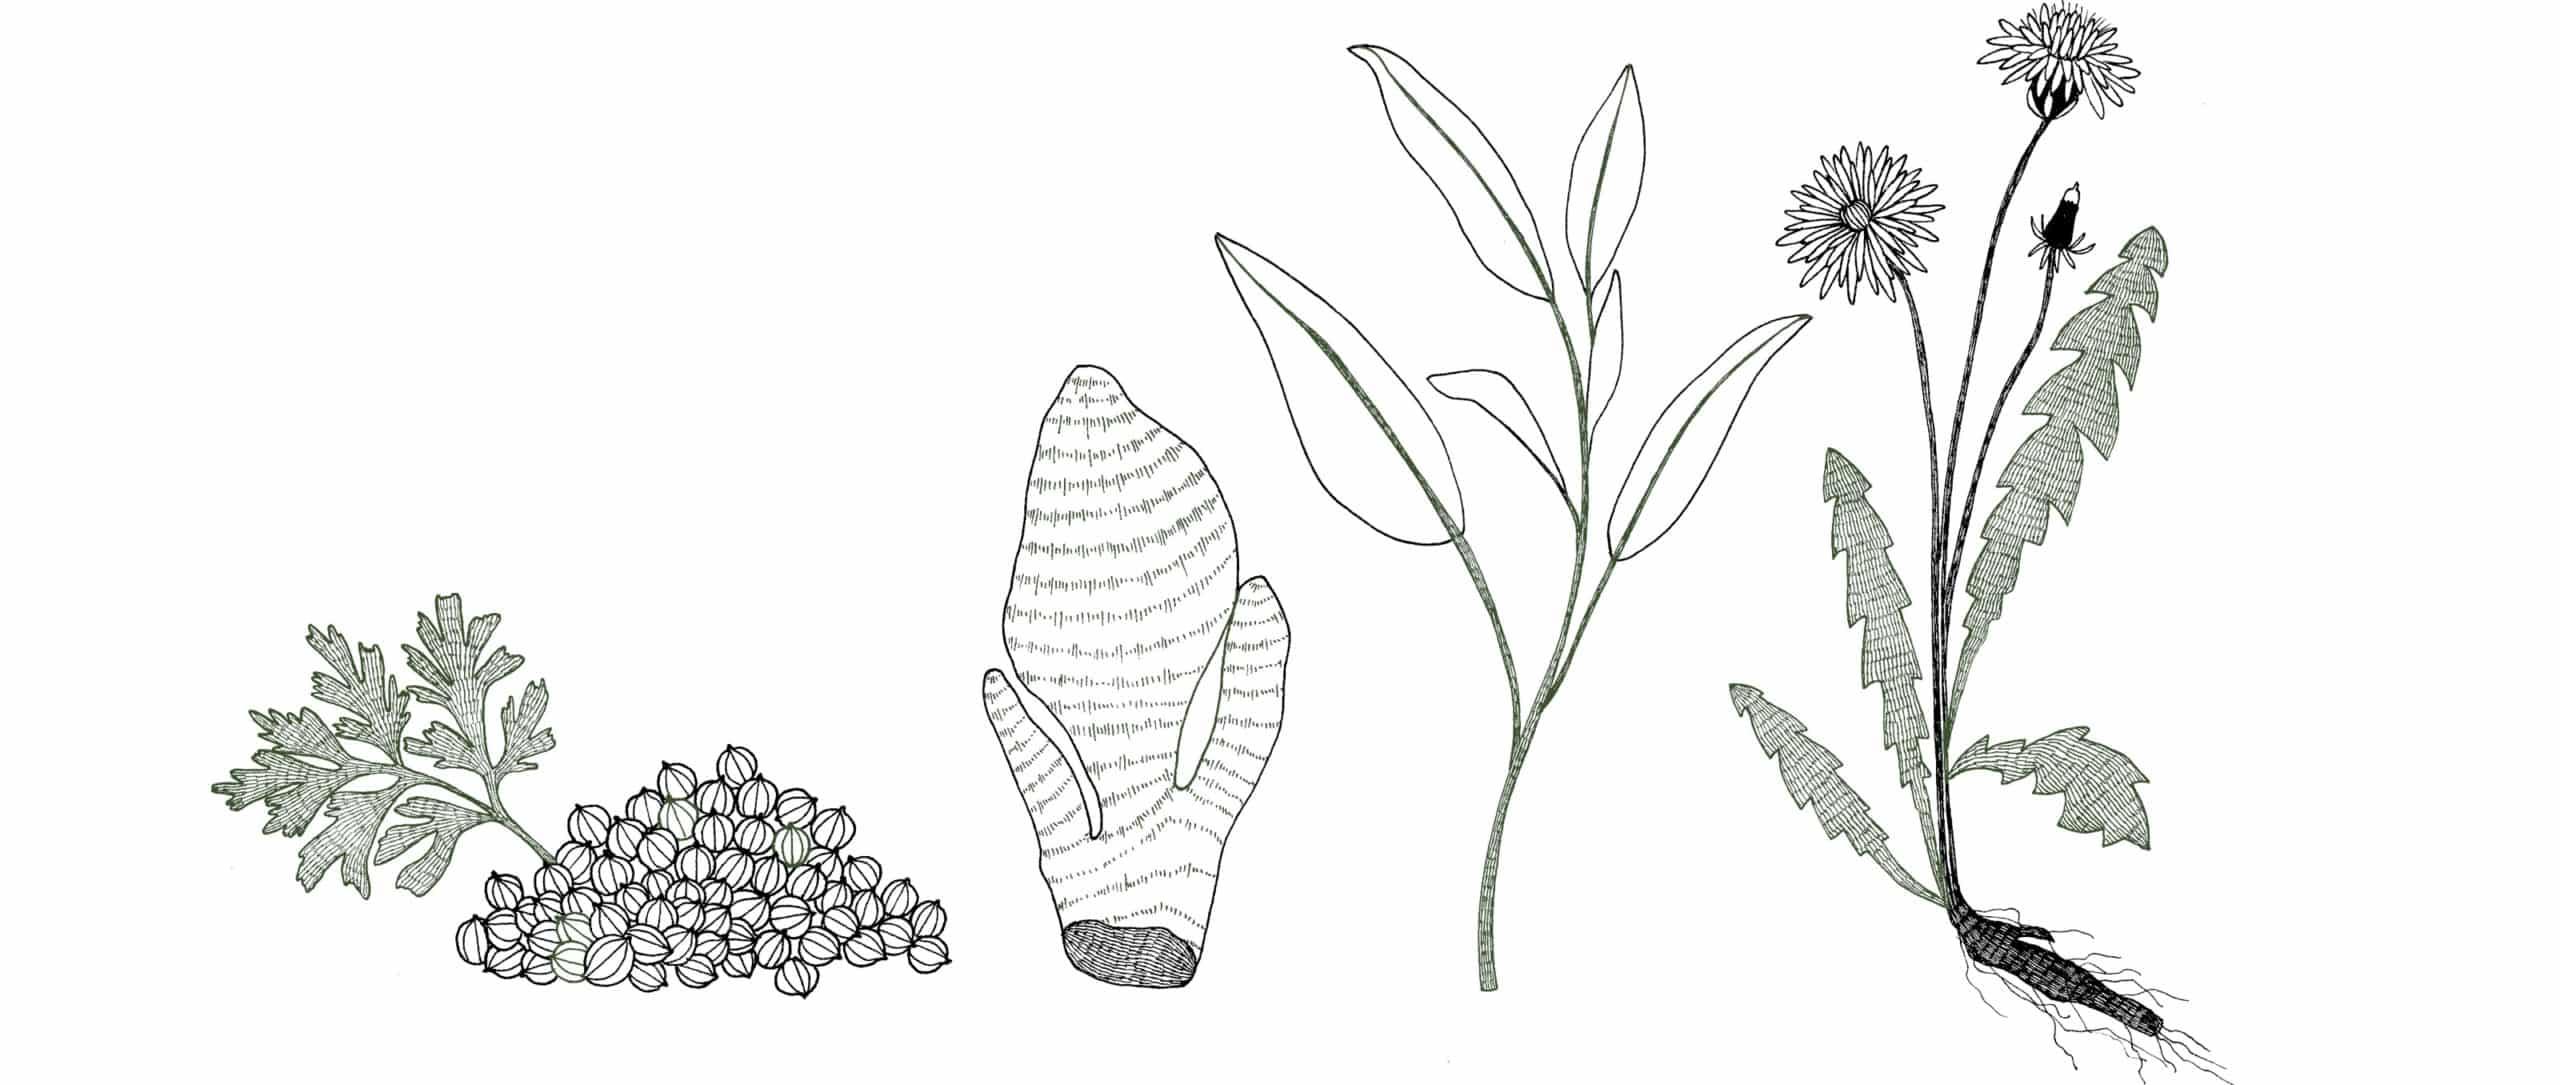 Illustrations des plantes (Gingembre, Coriandre, Sauge, Pissenlit) contenues dans le complément alimentaire sommeil.